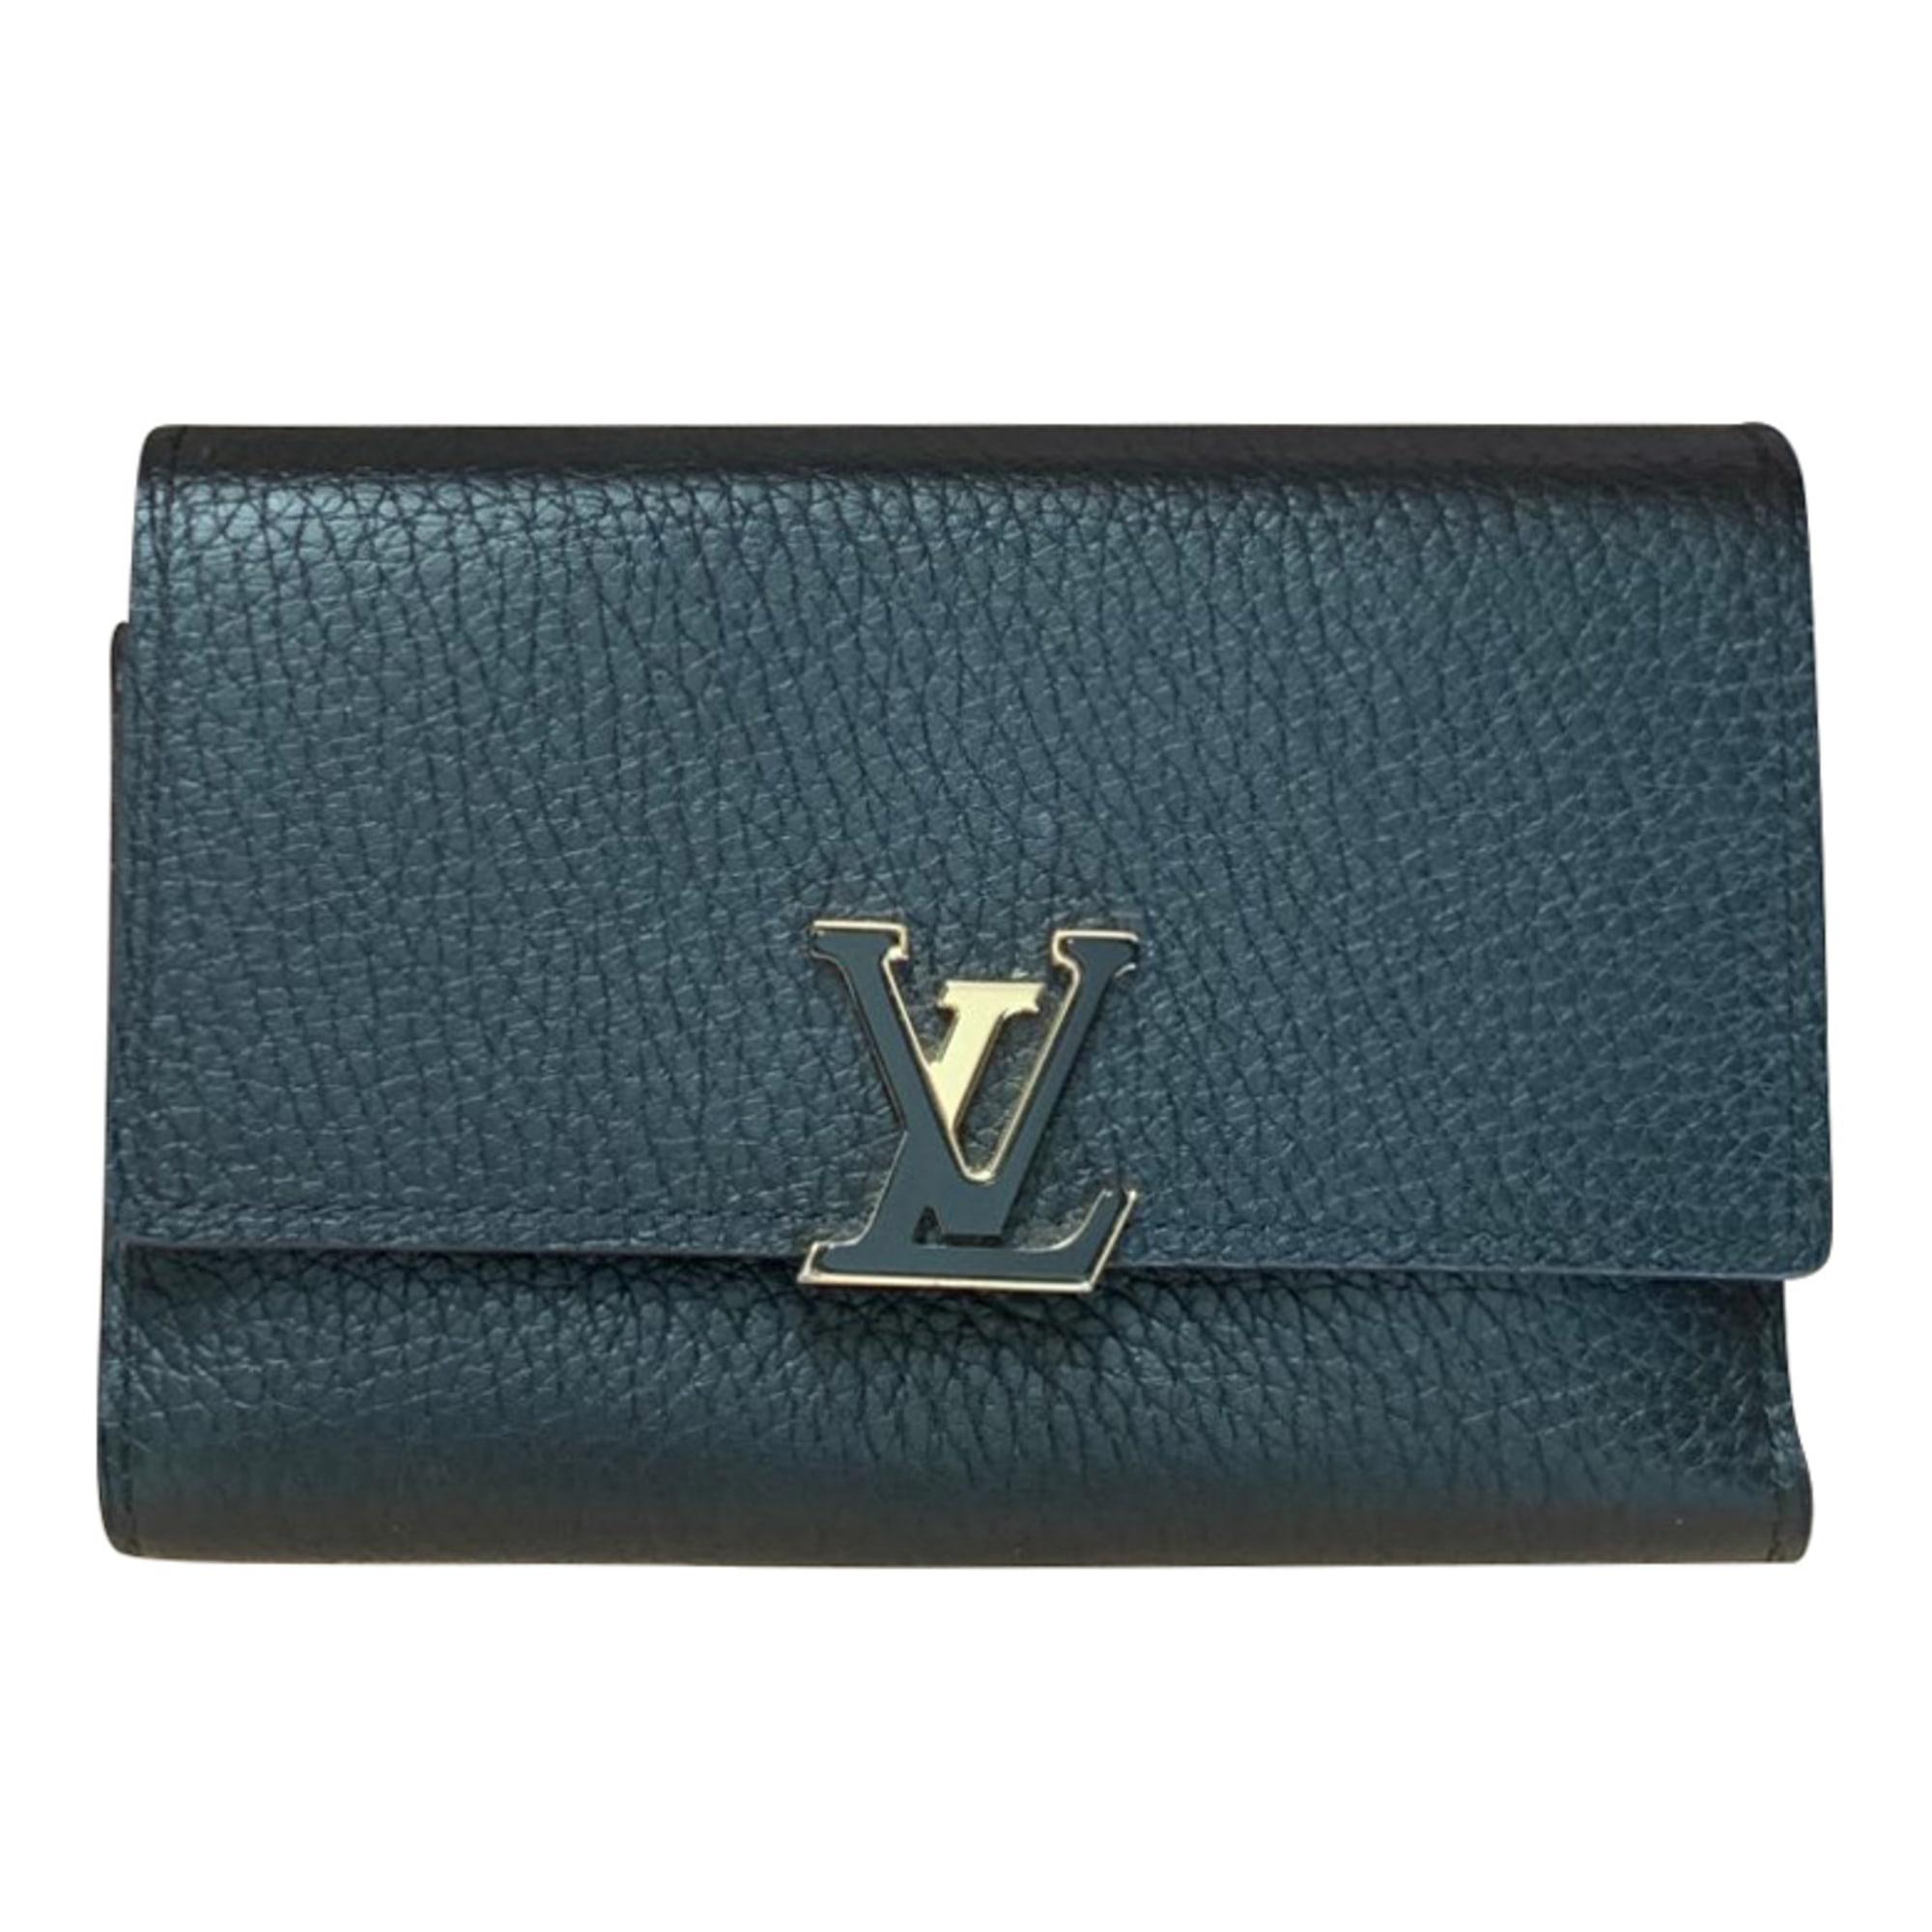 Wallet LOUIS VUITTON Capucines Black